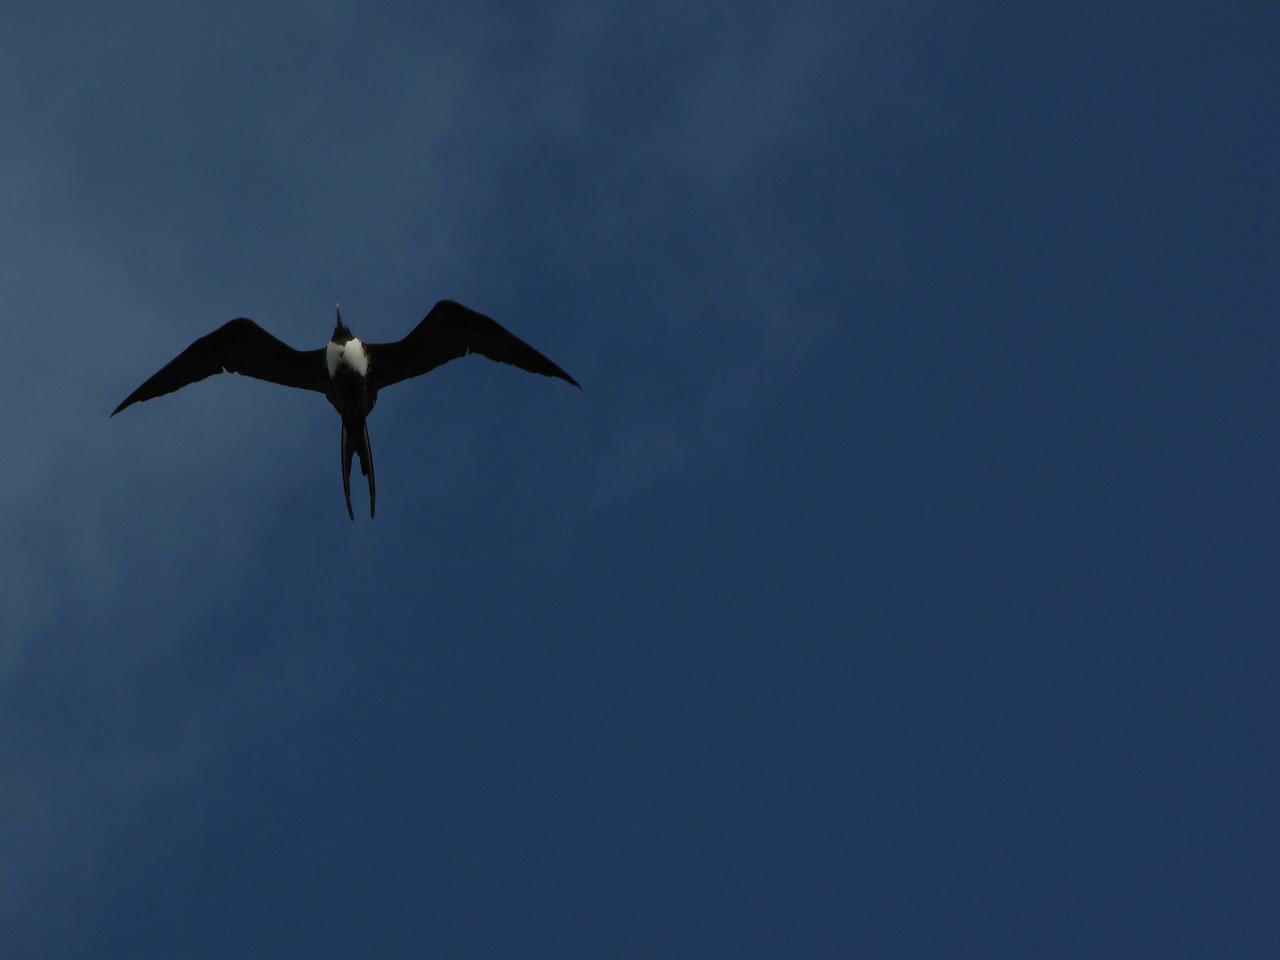 A frigate bird passes overhead.